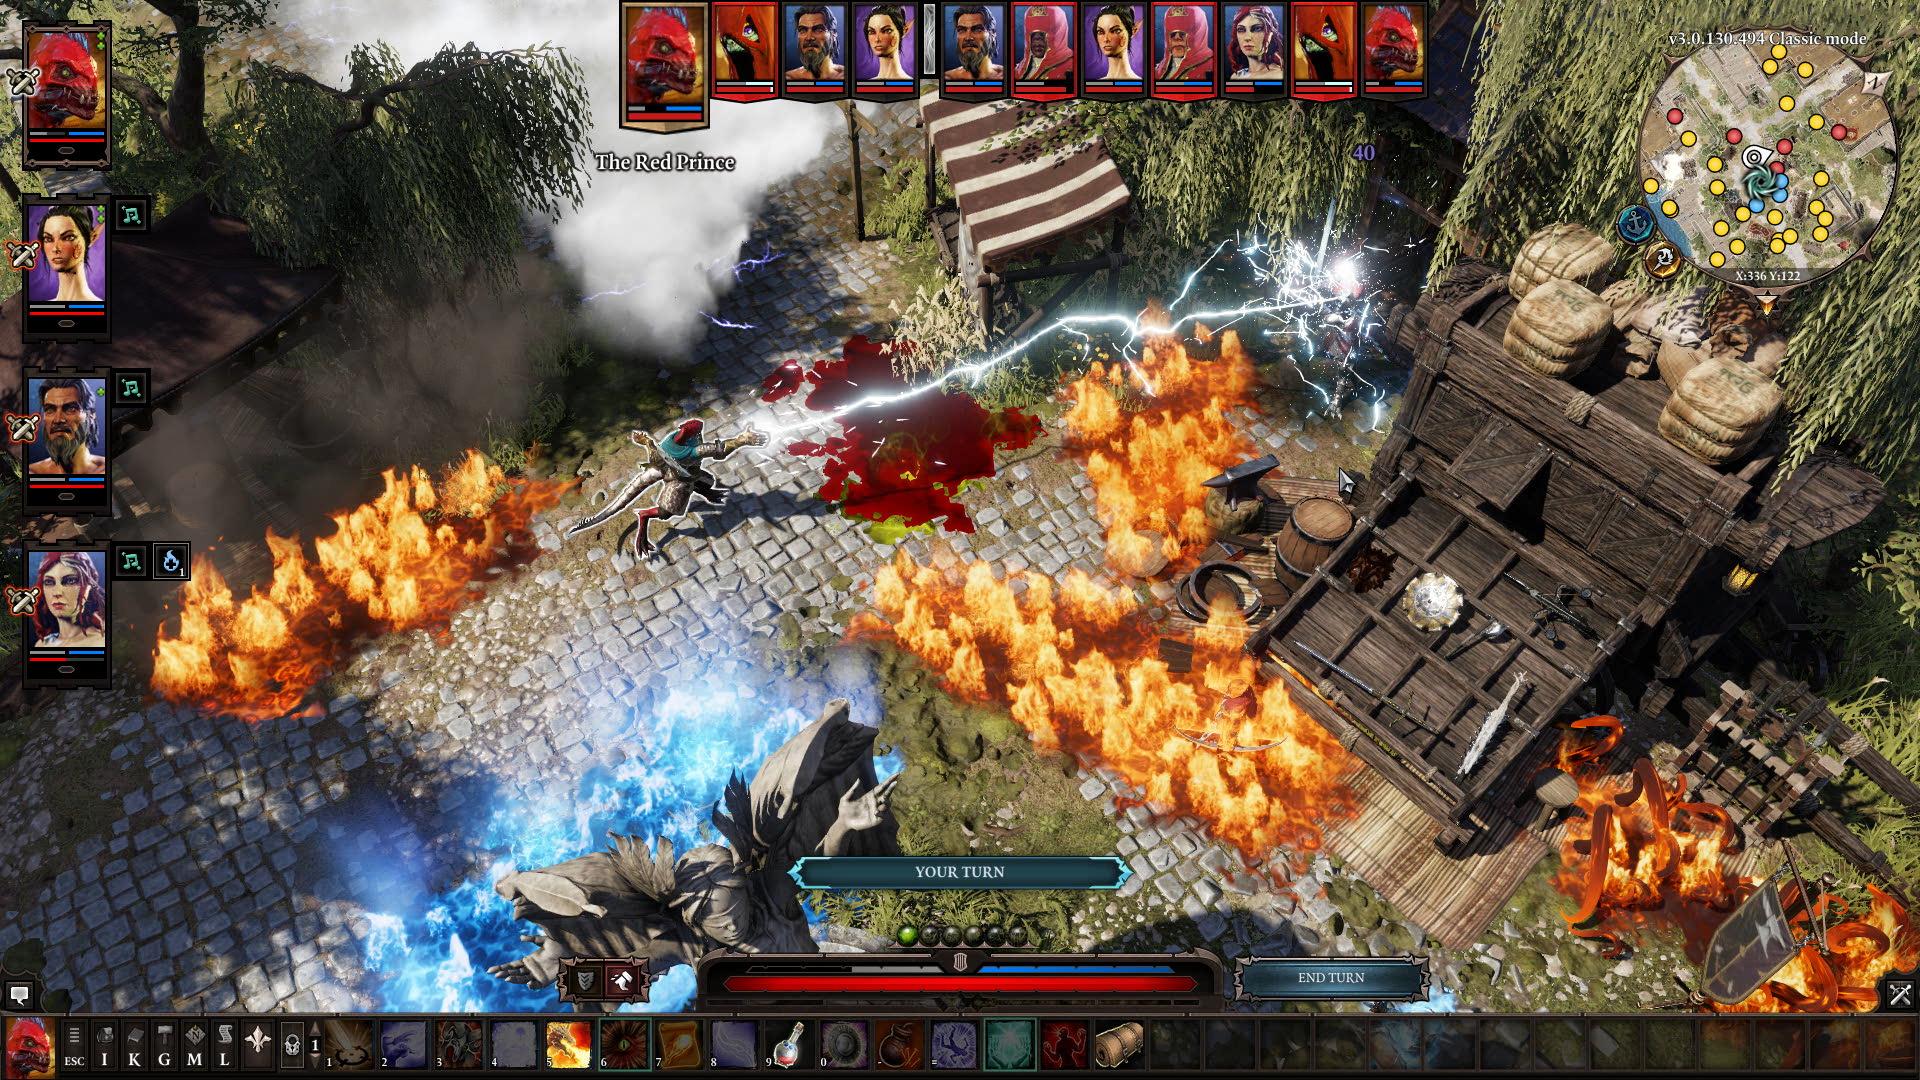 gambar divinity orinal sin 2 Game Pc RPG Yang Sangat Menantang